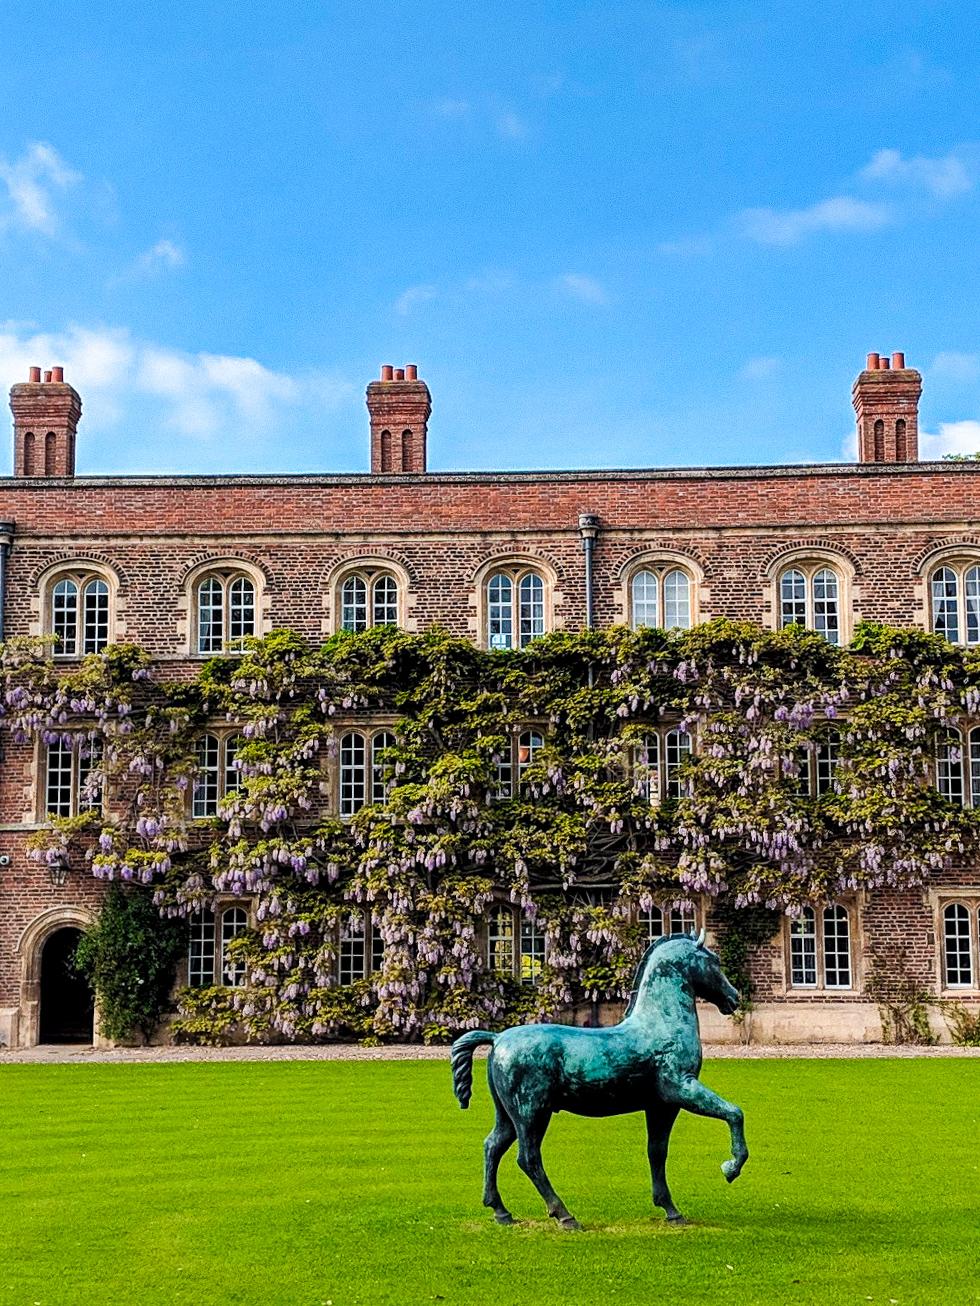 Jesus-Cambridge